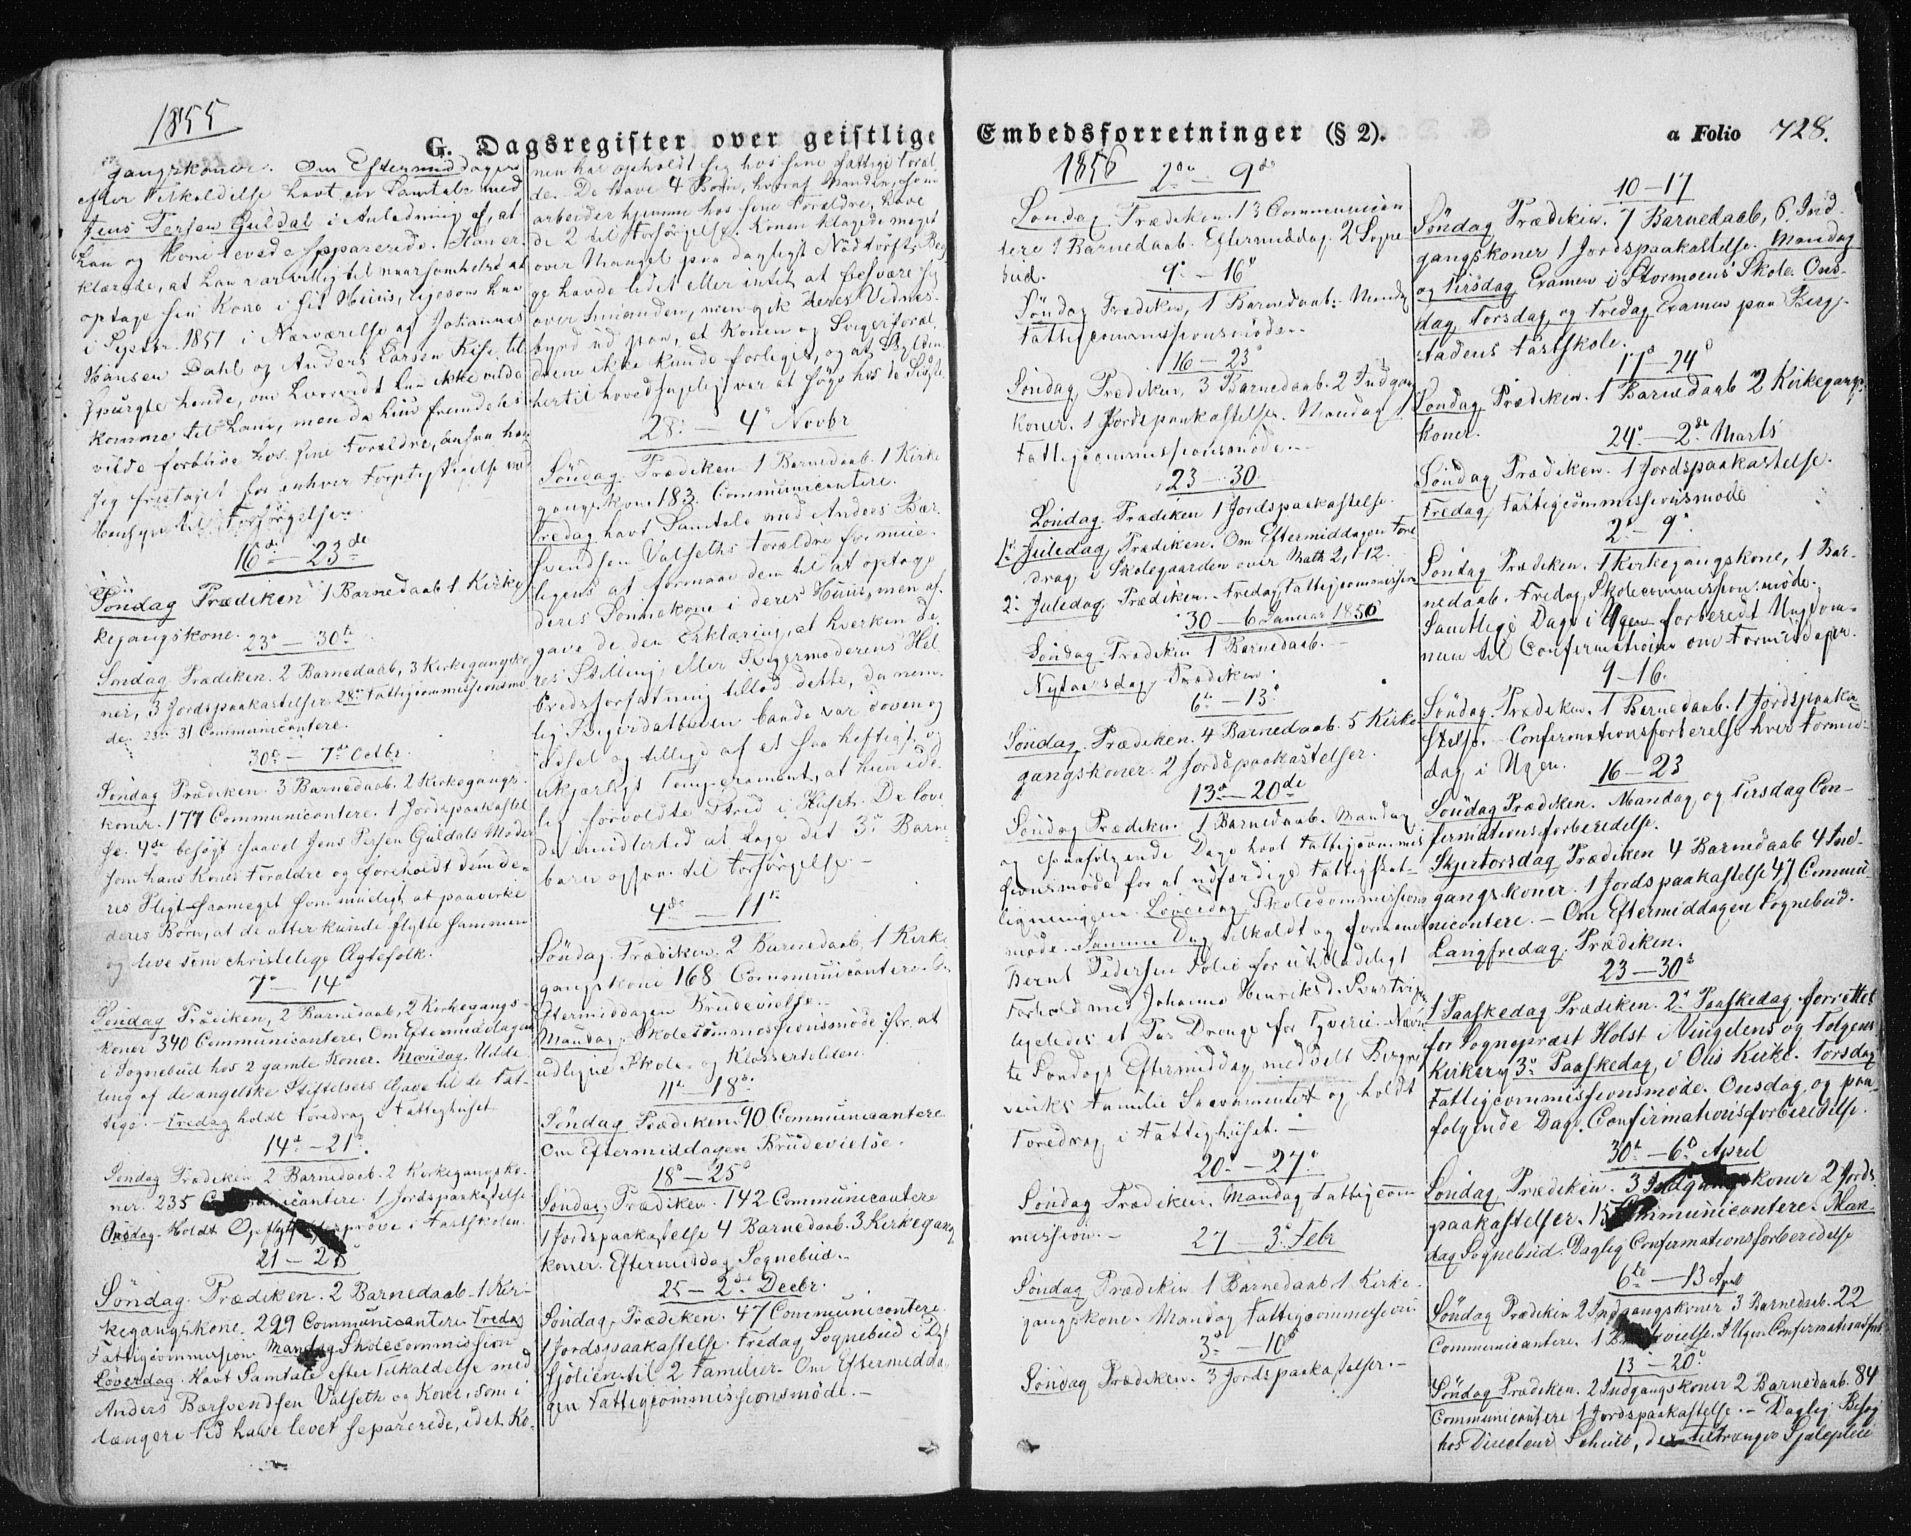 SAT, Ministerialprotokoller, klokkerbøker og fødselsregistre - Sør-Trøndelag, 681/L0931: Ministerialbok nr. 681A09, 1845-1859, s. 728